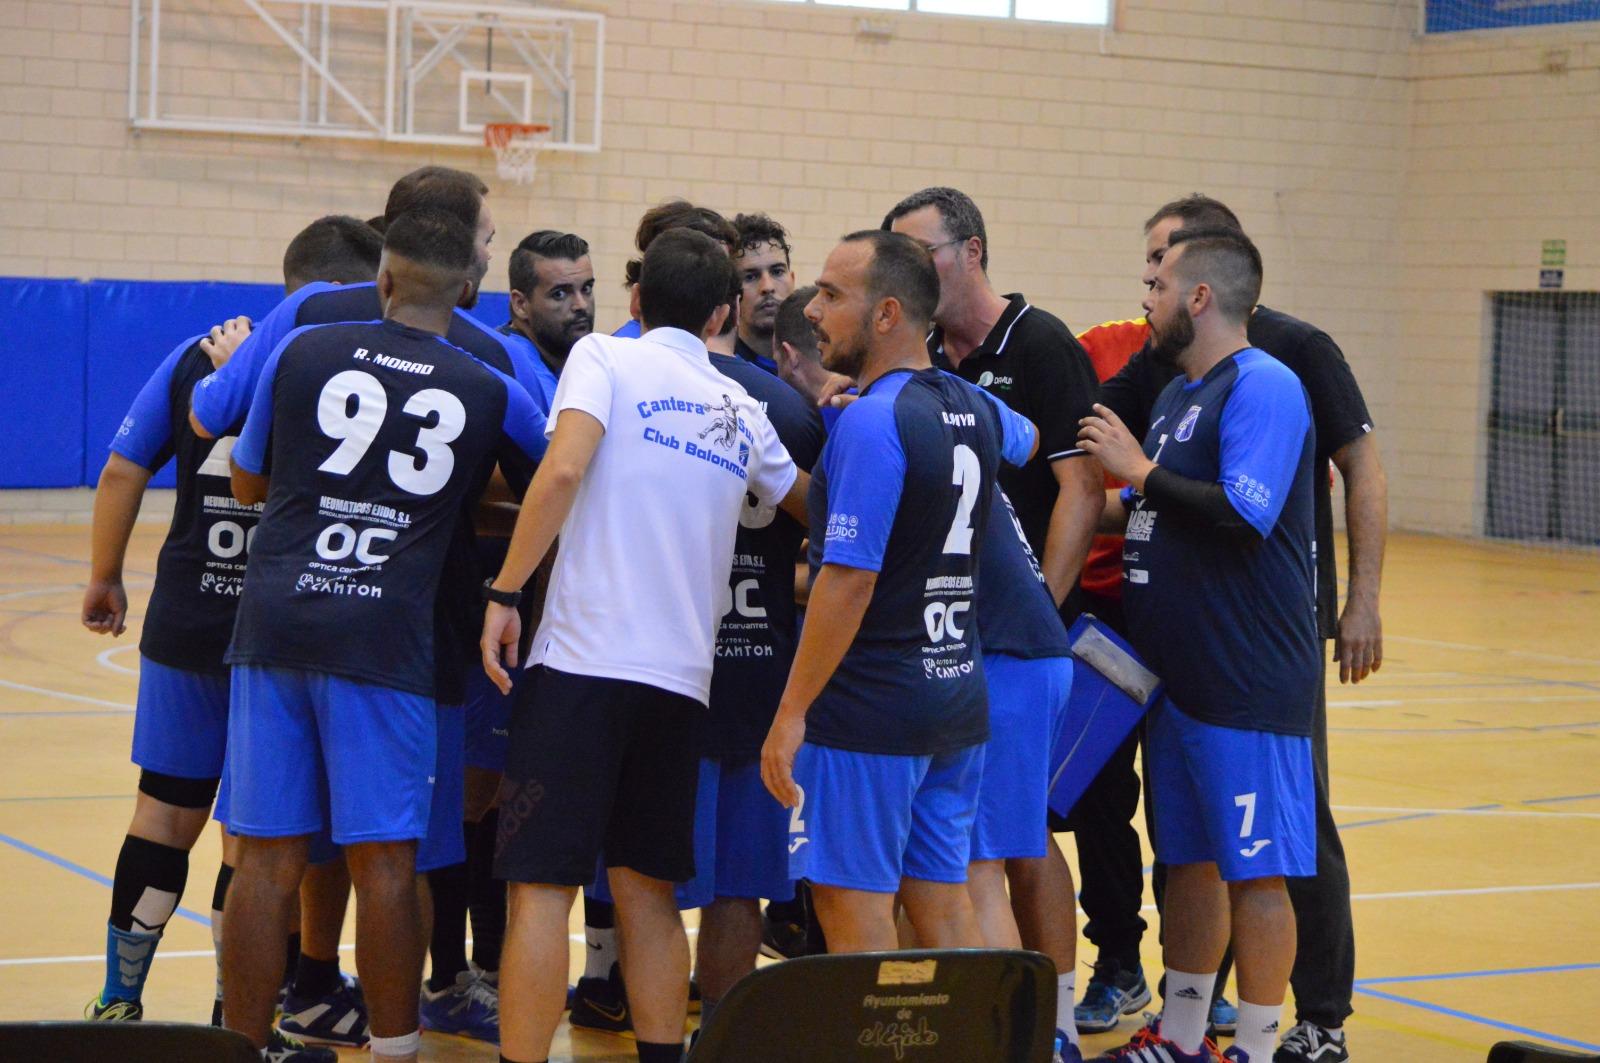 Una mala segunda mitad condena al CBM Cantera Sur El Ejido - La Voz de Almería